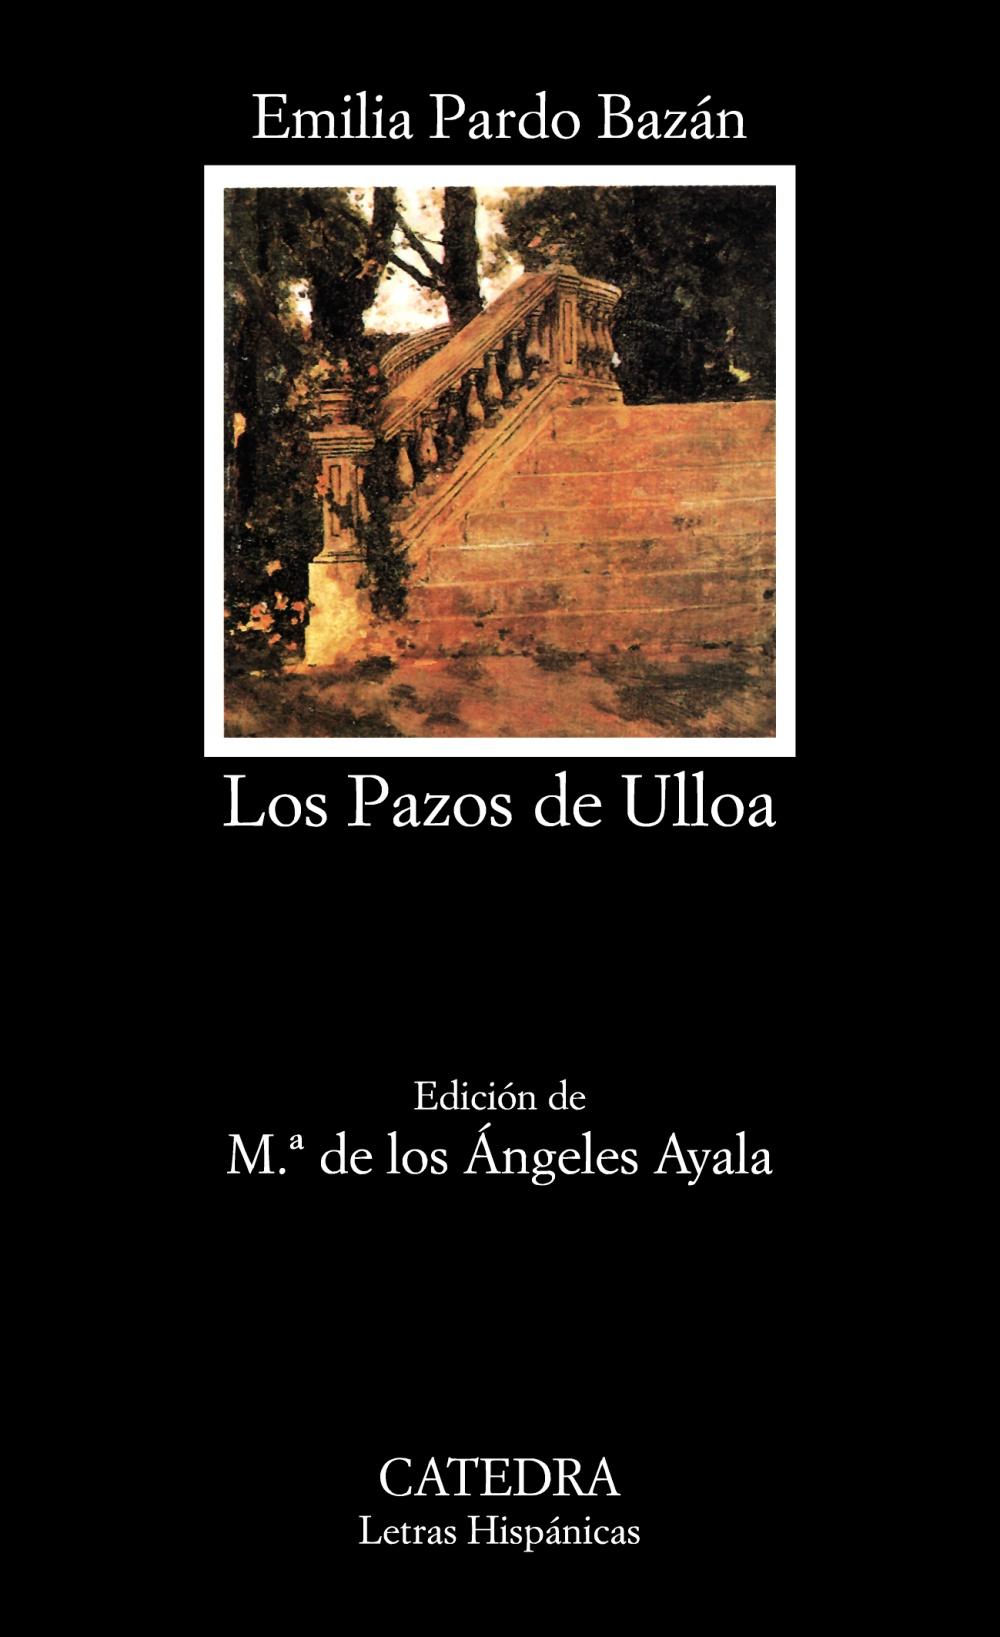 Los Pazos de Ulloa - Ediciones Cátedra